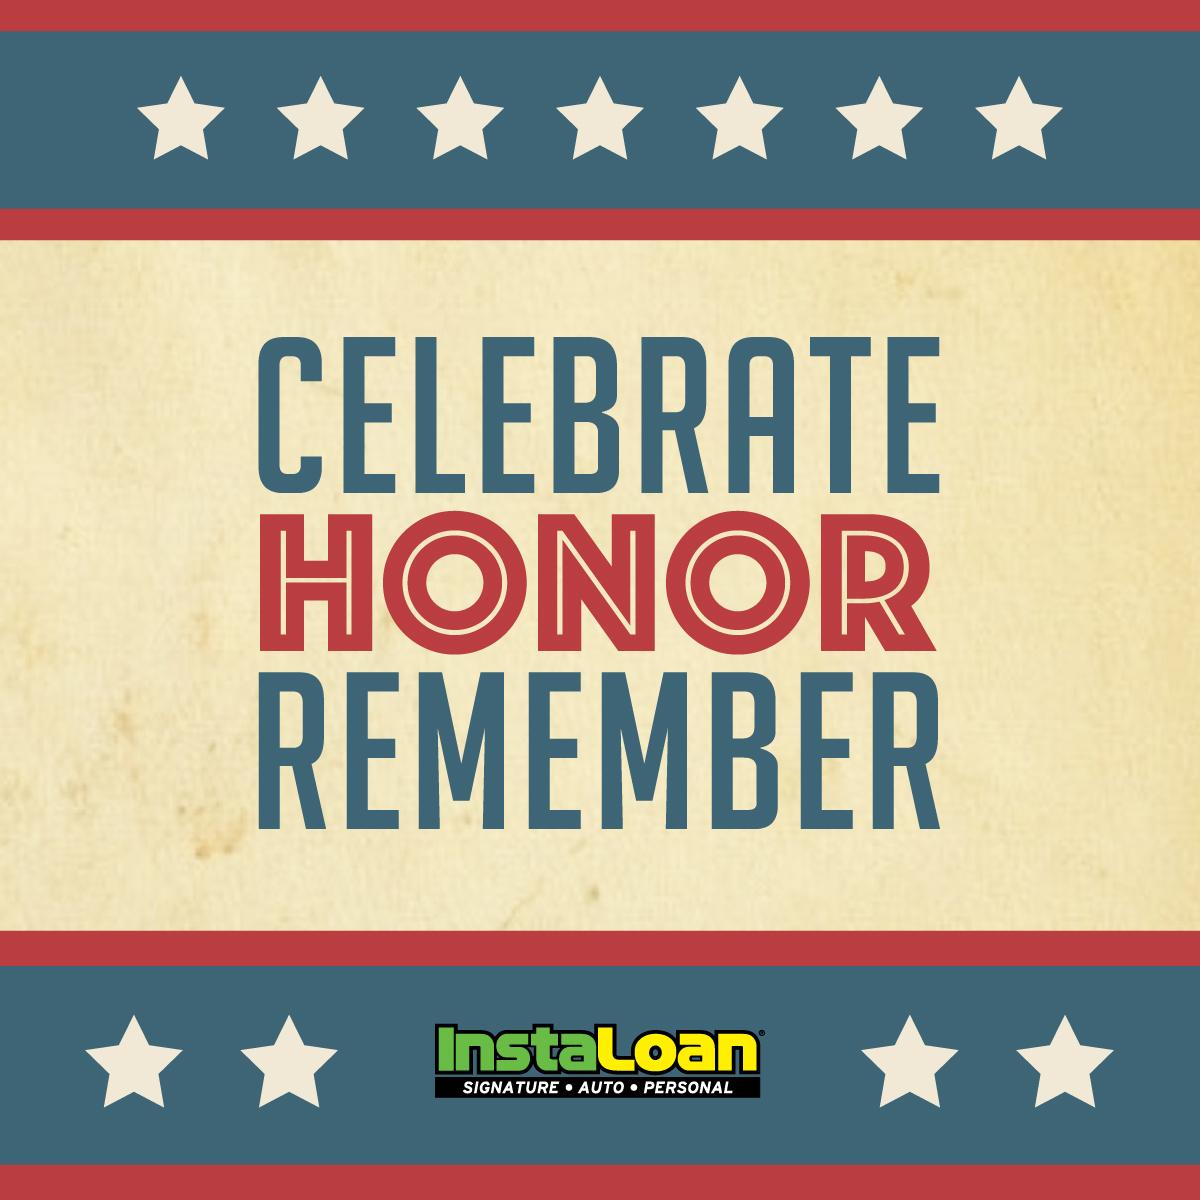 Memorial Day Celebrate in Honor